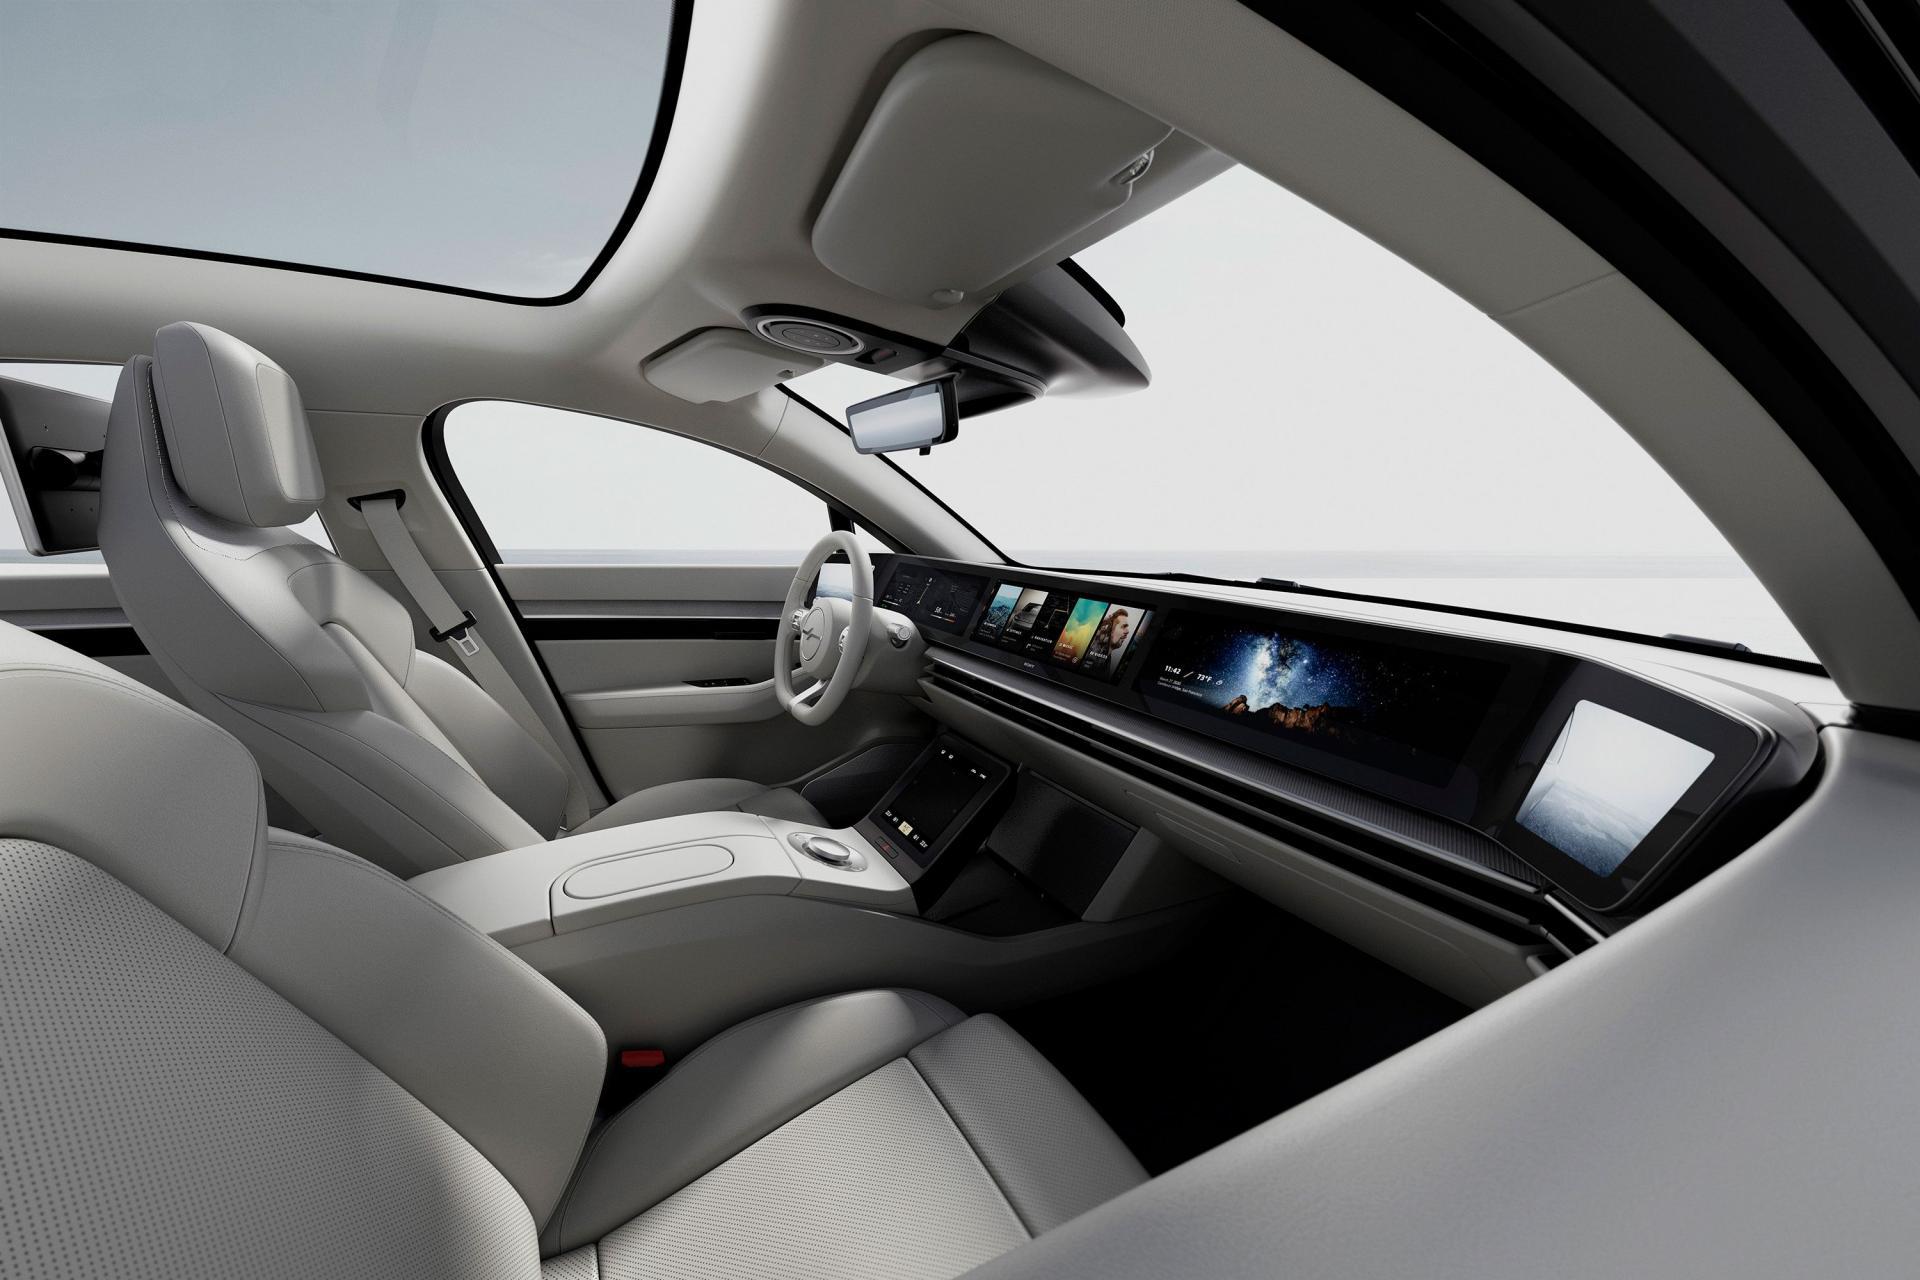 Sony bất ngờ ra mắt mẫu xe điện Vision-S tại CES 2020 - 9